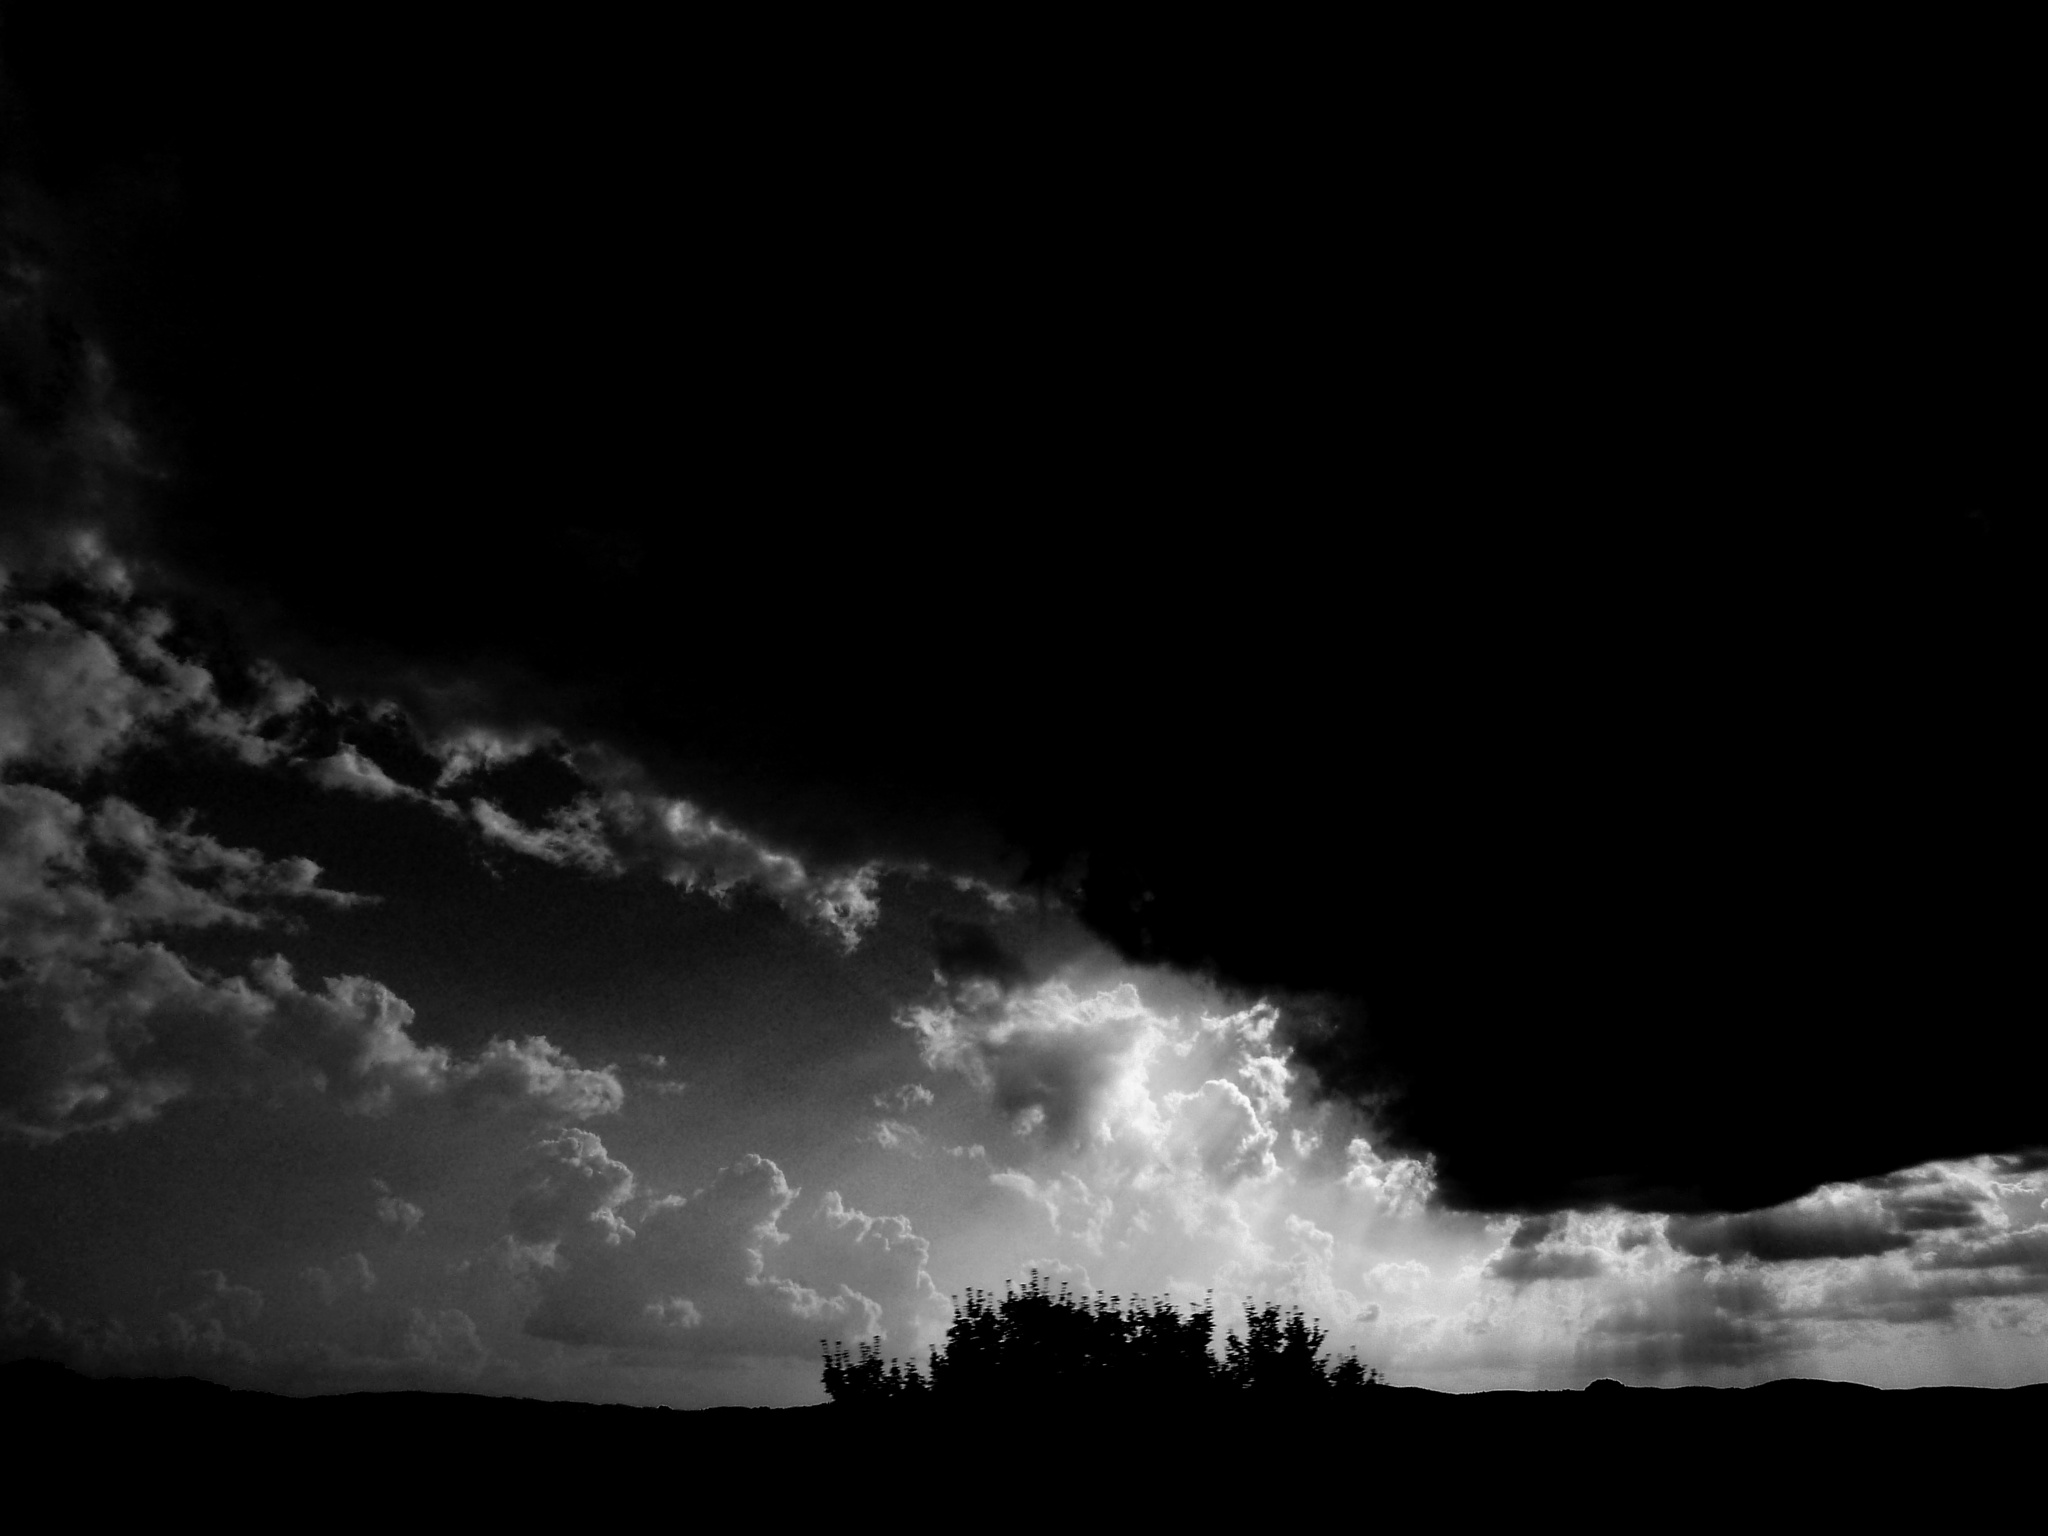 Skyscape (B&W) by Anton Agalbato